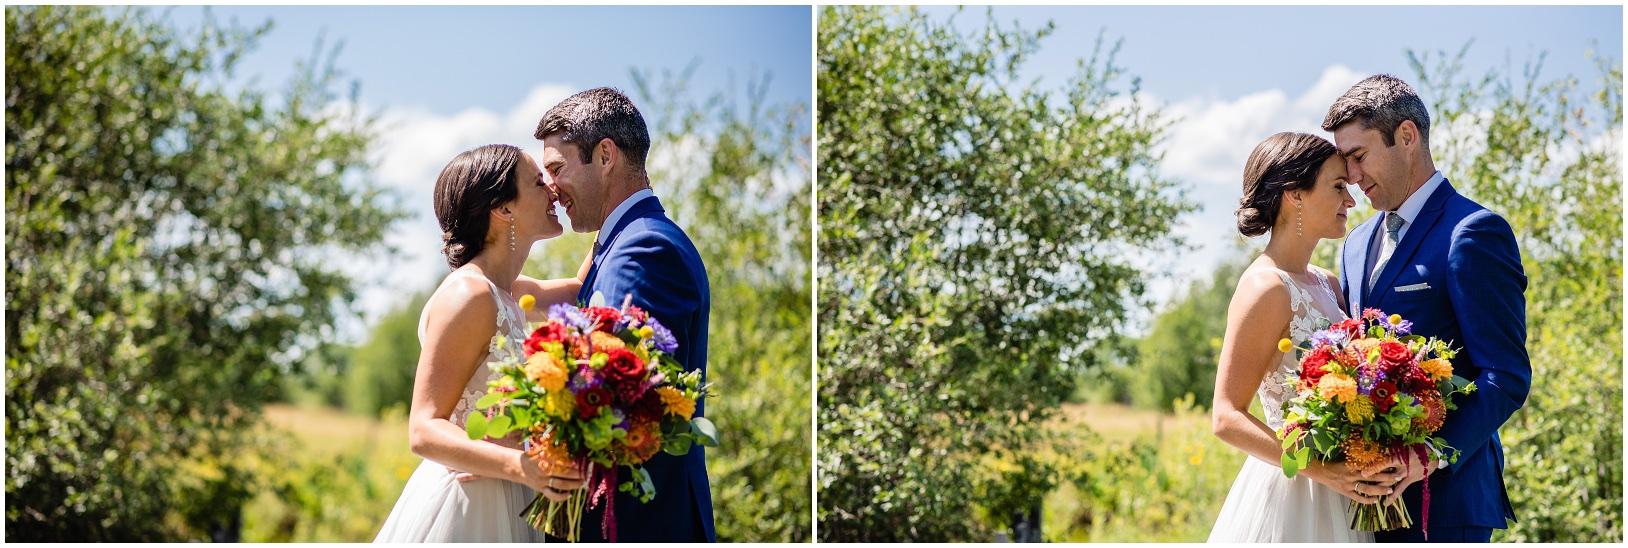 lindseyjane_weddings0038.jpg